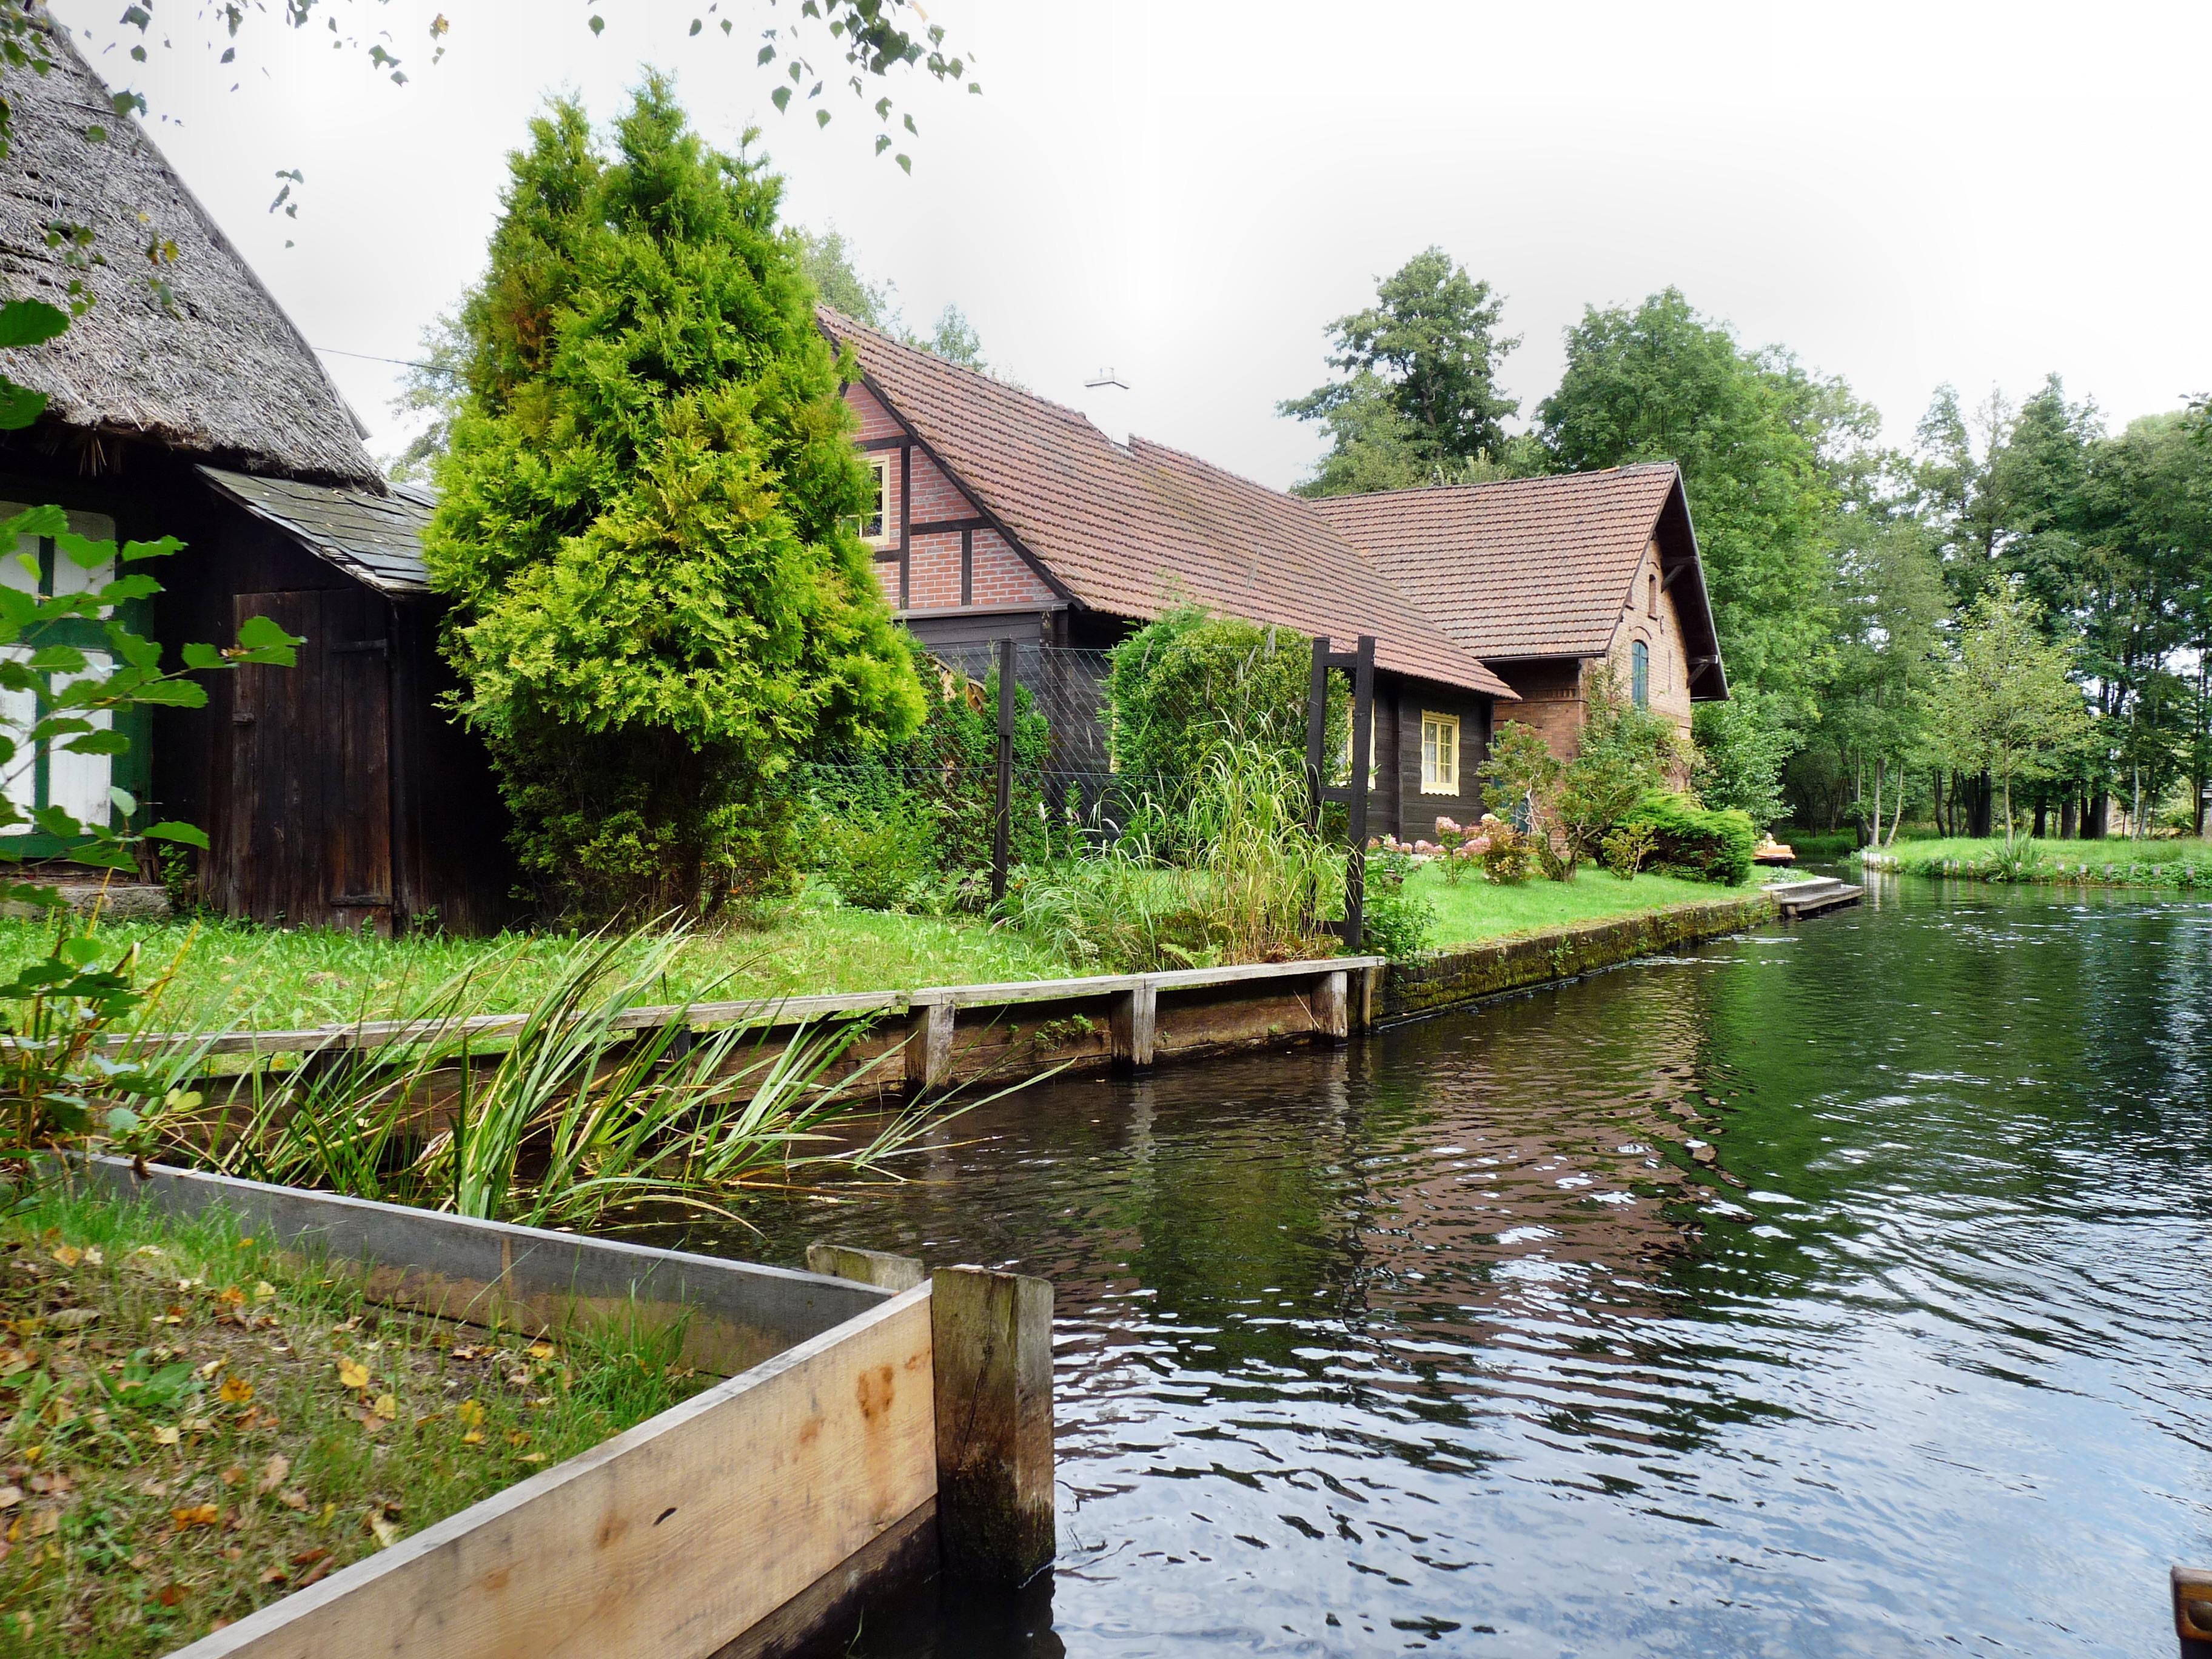 Gratis afbeeldingen water natuur huis bloem rivier for Huis in de tuin